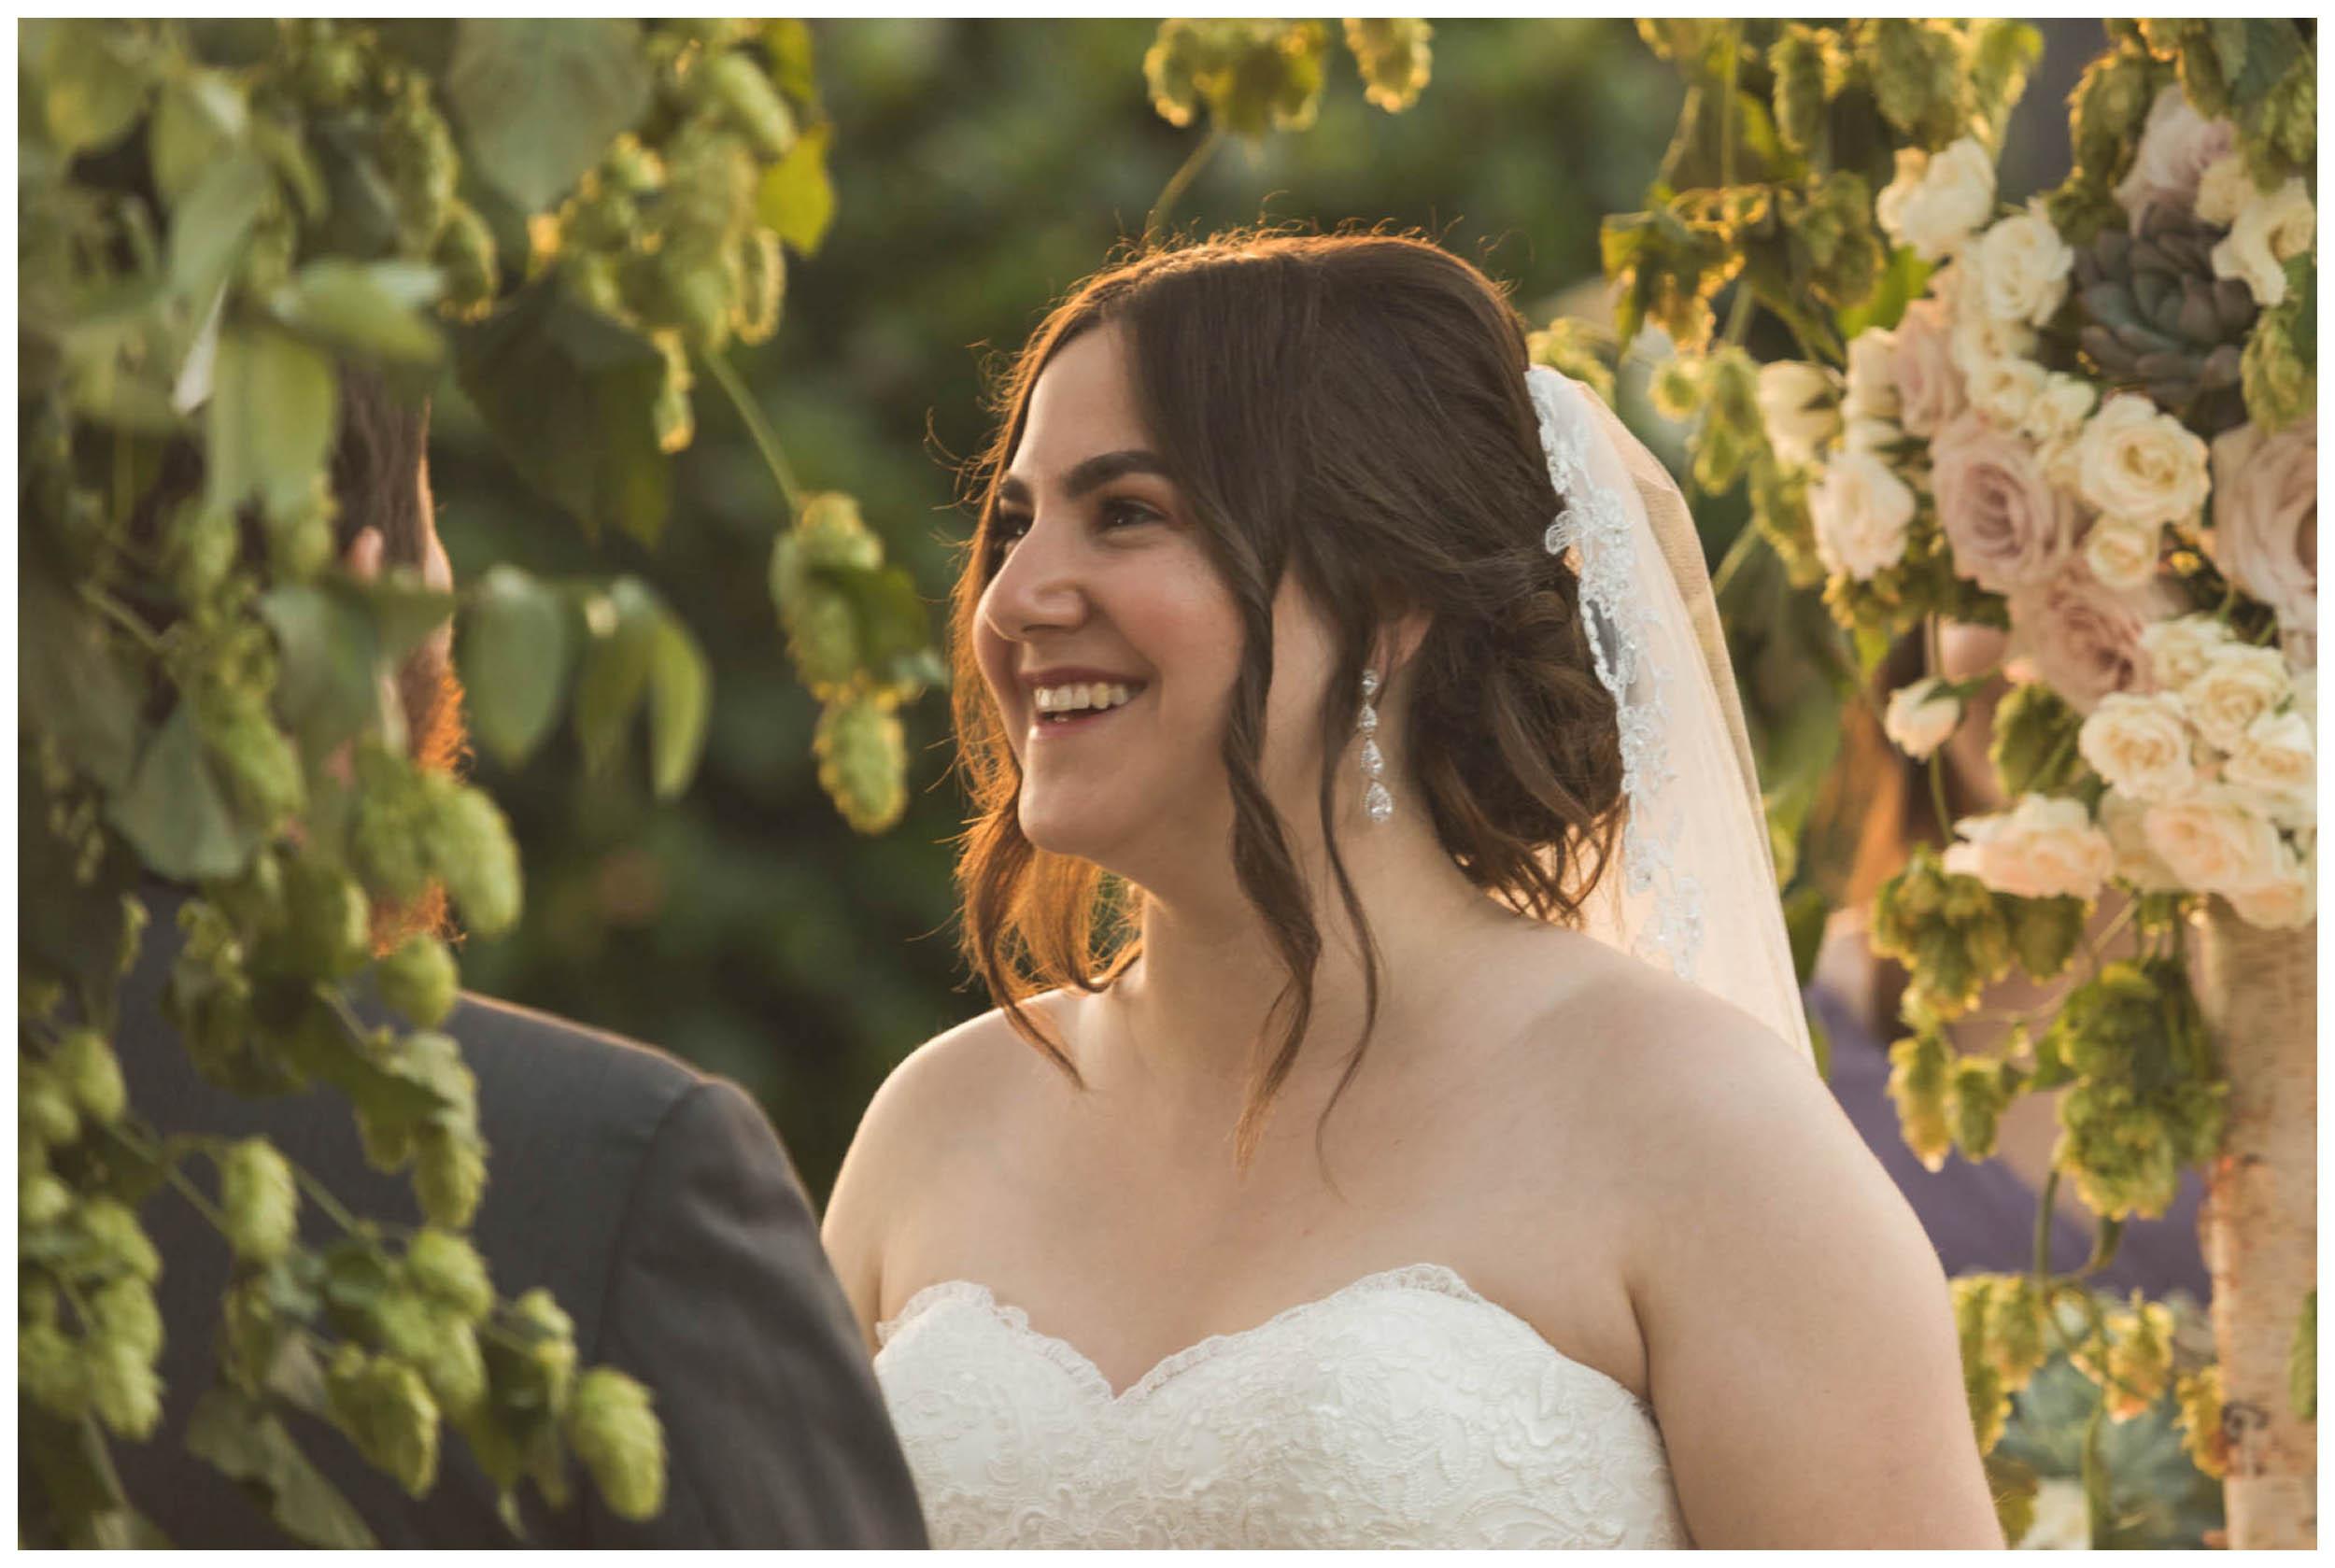 shewanders.wedding.photography.san.diego.rustic._1713.jpg